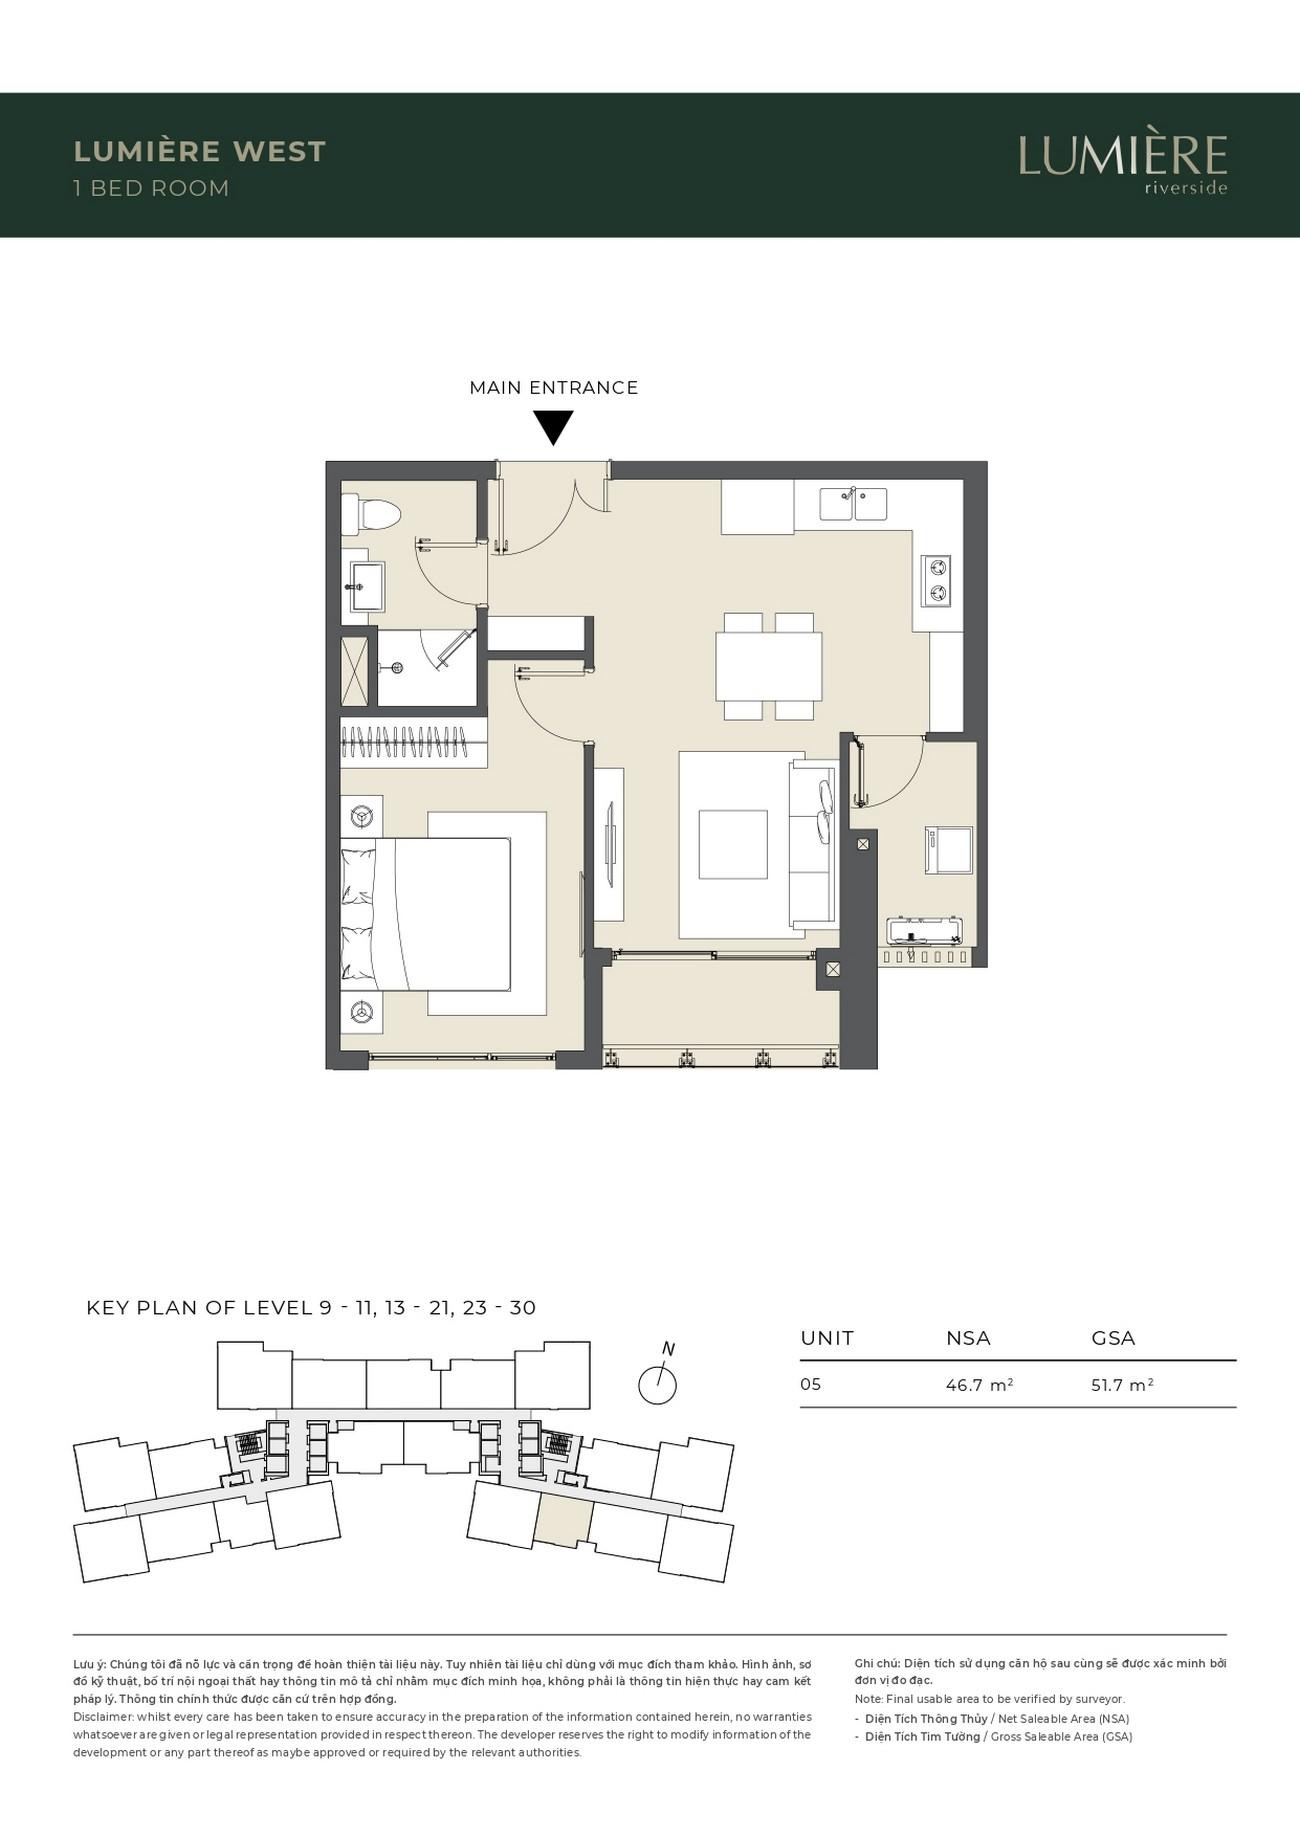 Thiết kế căn 1 phòng ngủ dự án căn hộ chung cư Masterise Lumière Riverside Quận 2 Đường Xa Lộ Hà Nội chủ đầu tư Masterise Homes